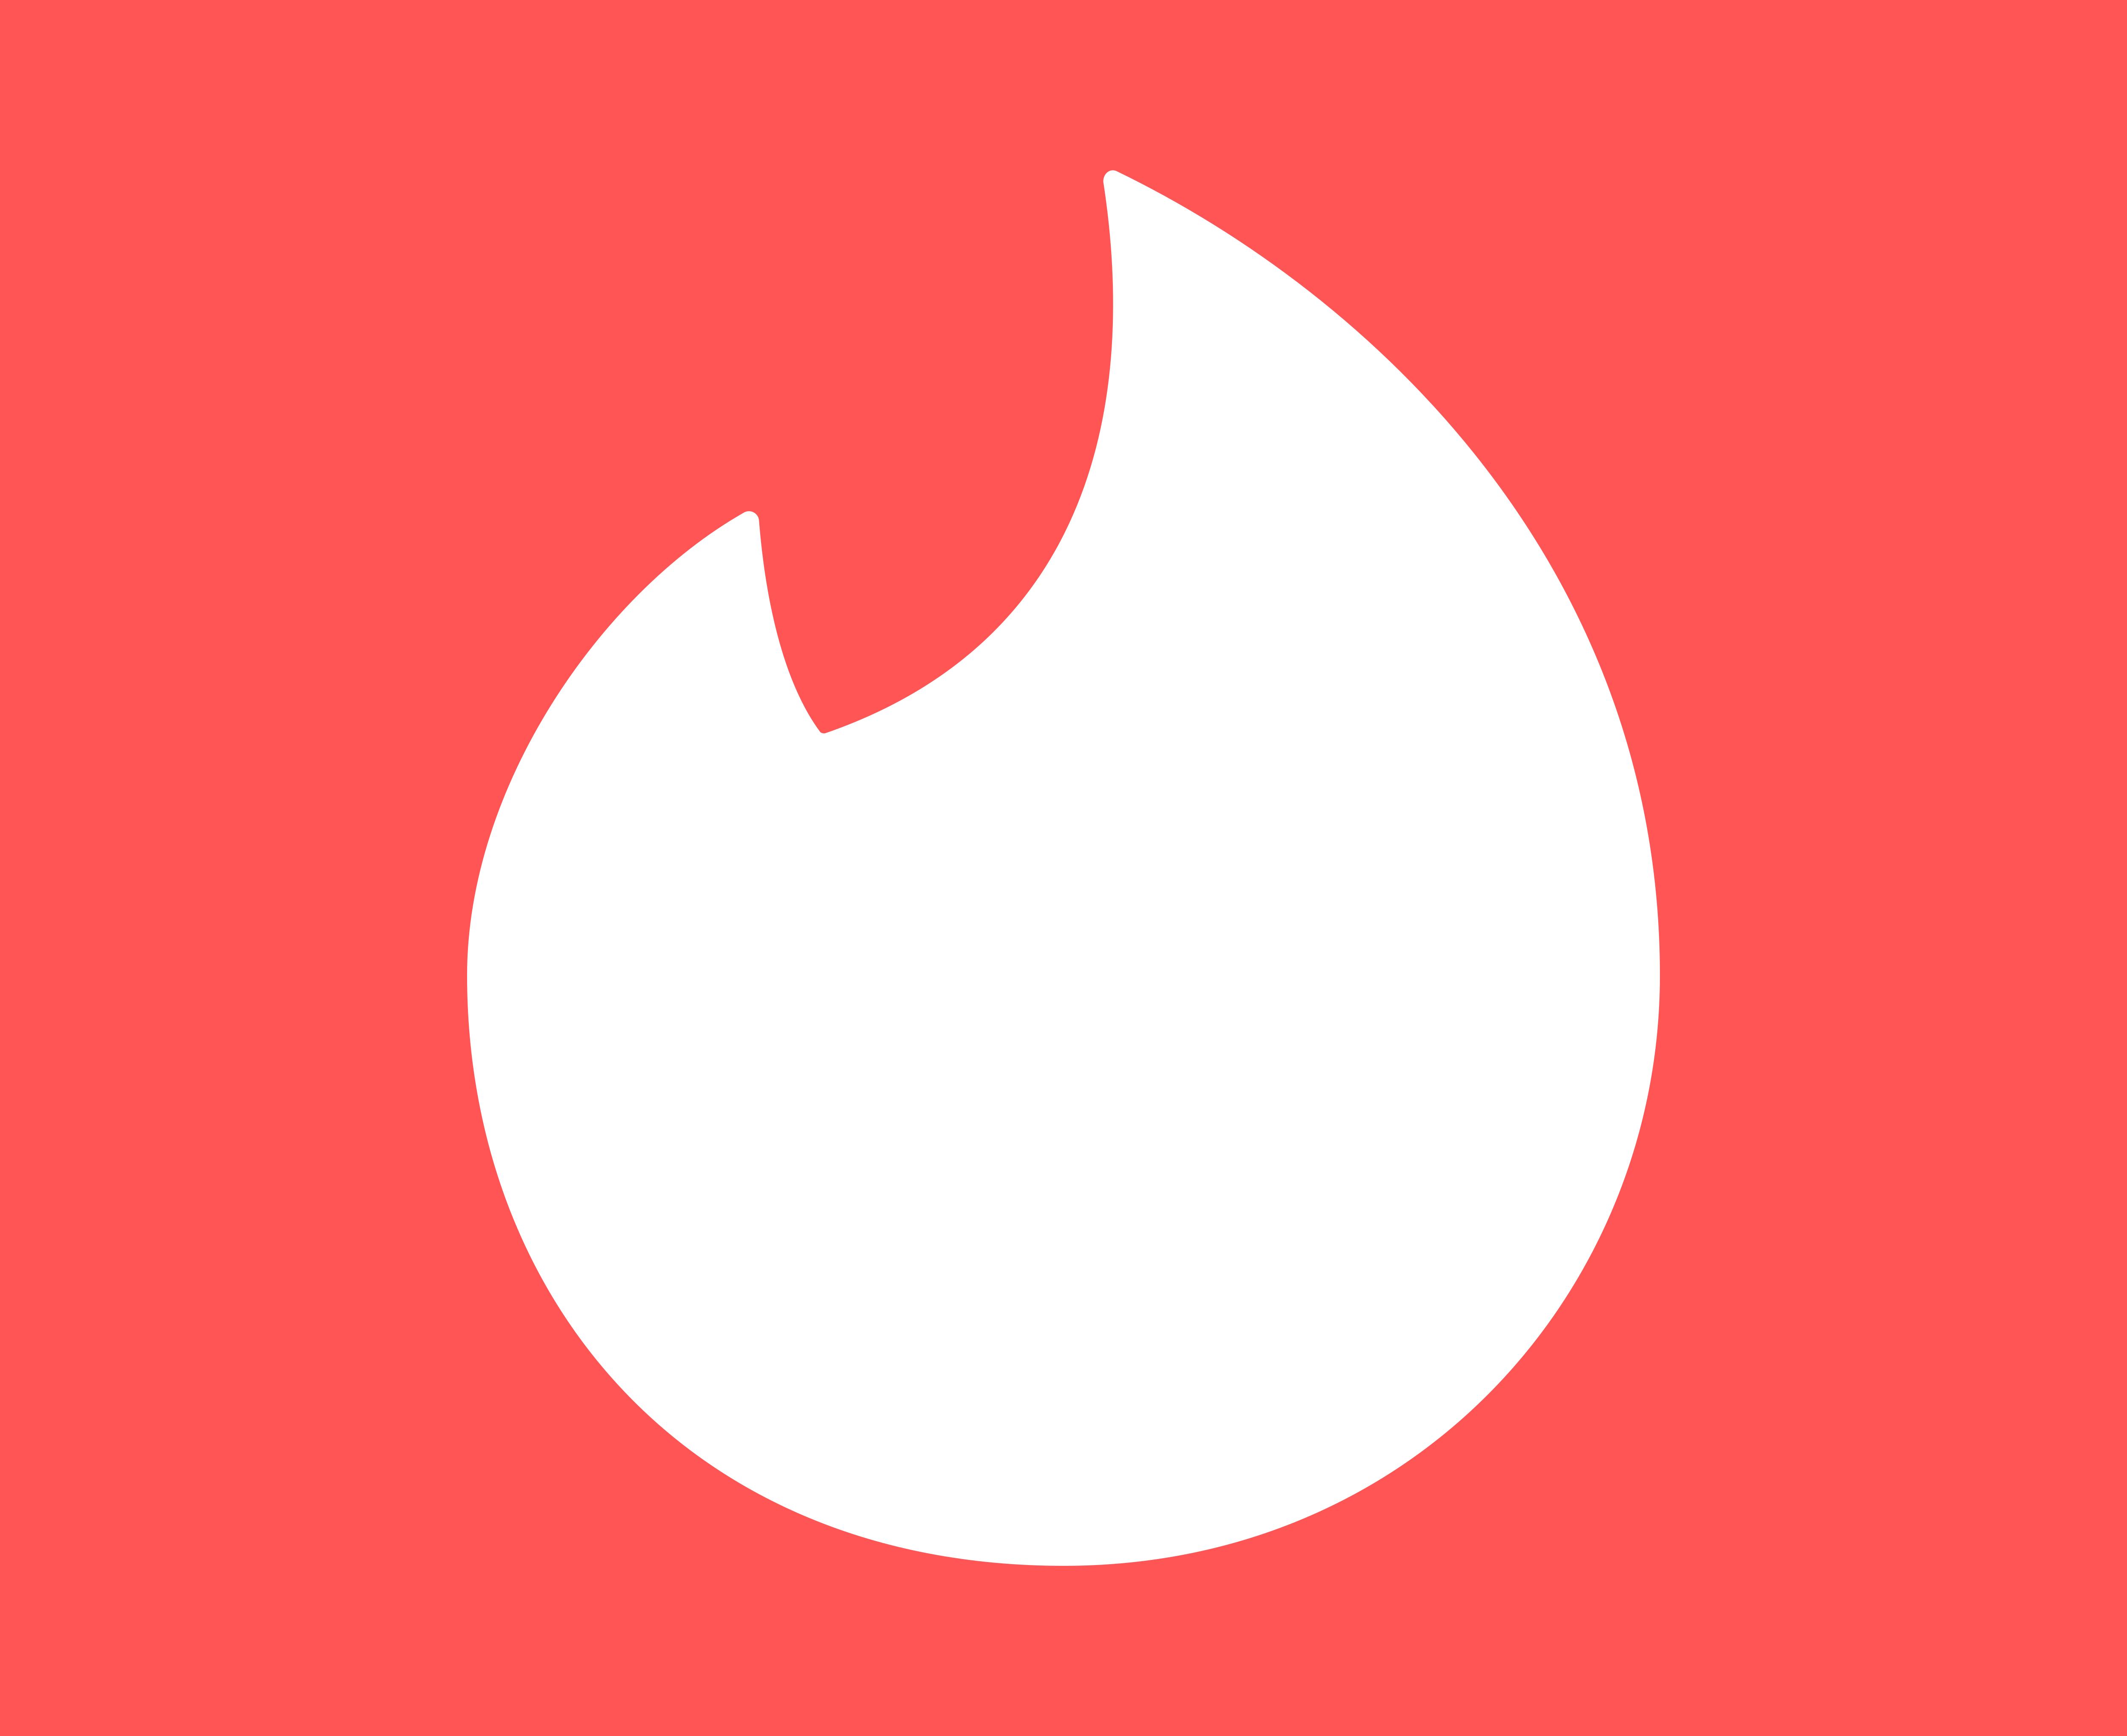 Tinder - Logos Download